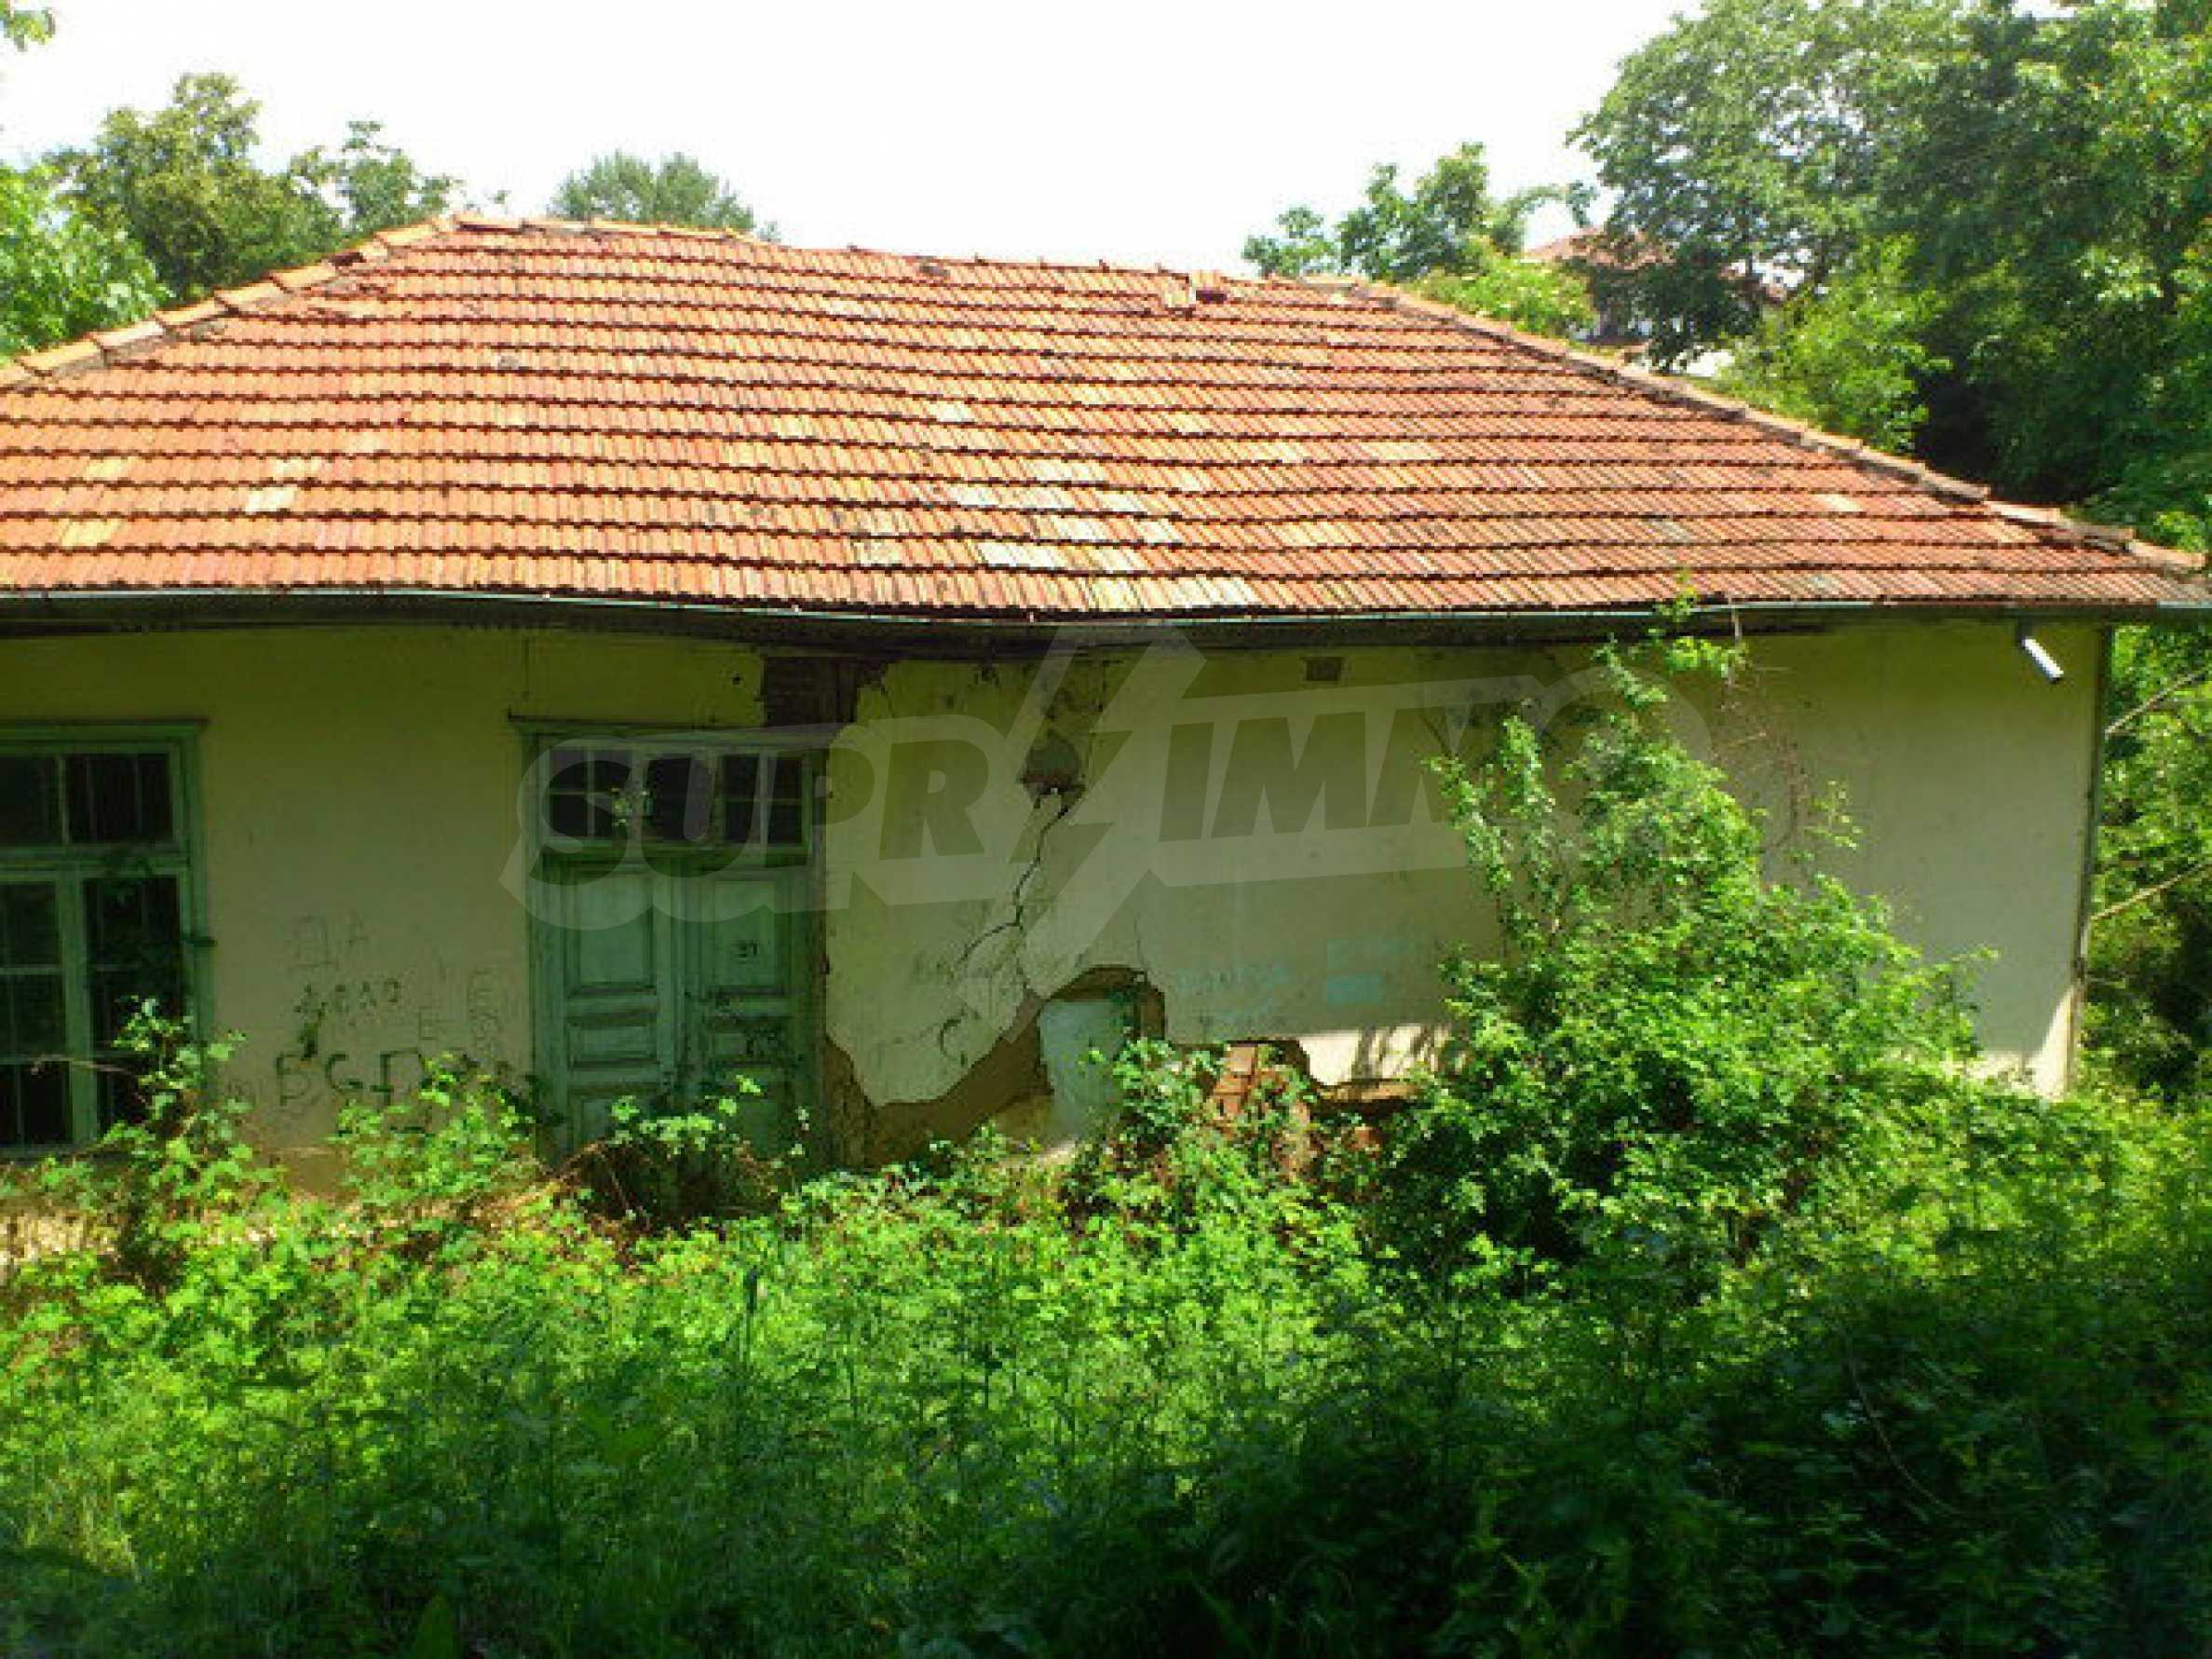 Бывшее здание школы в маленькой деревне в непосредственной близости от прекрасного города Дряново 2